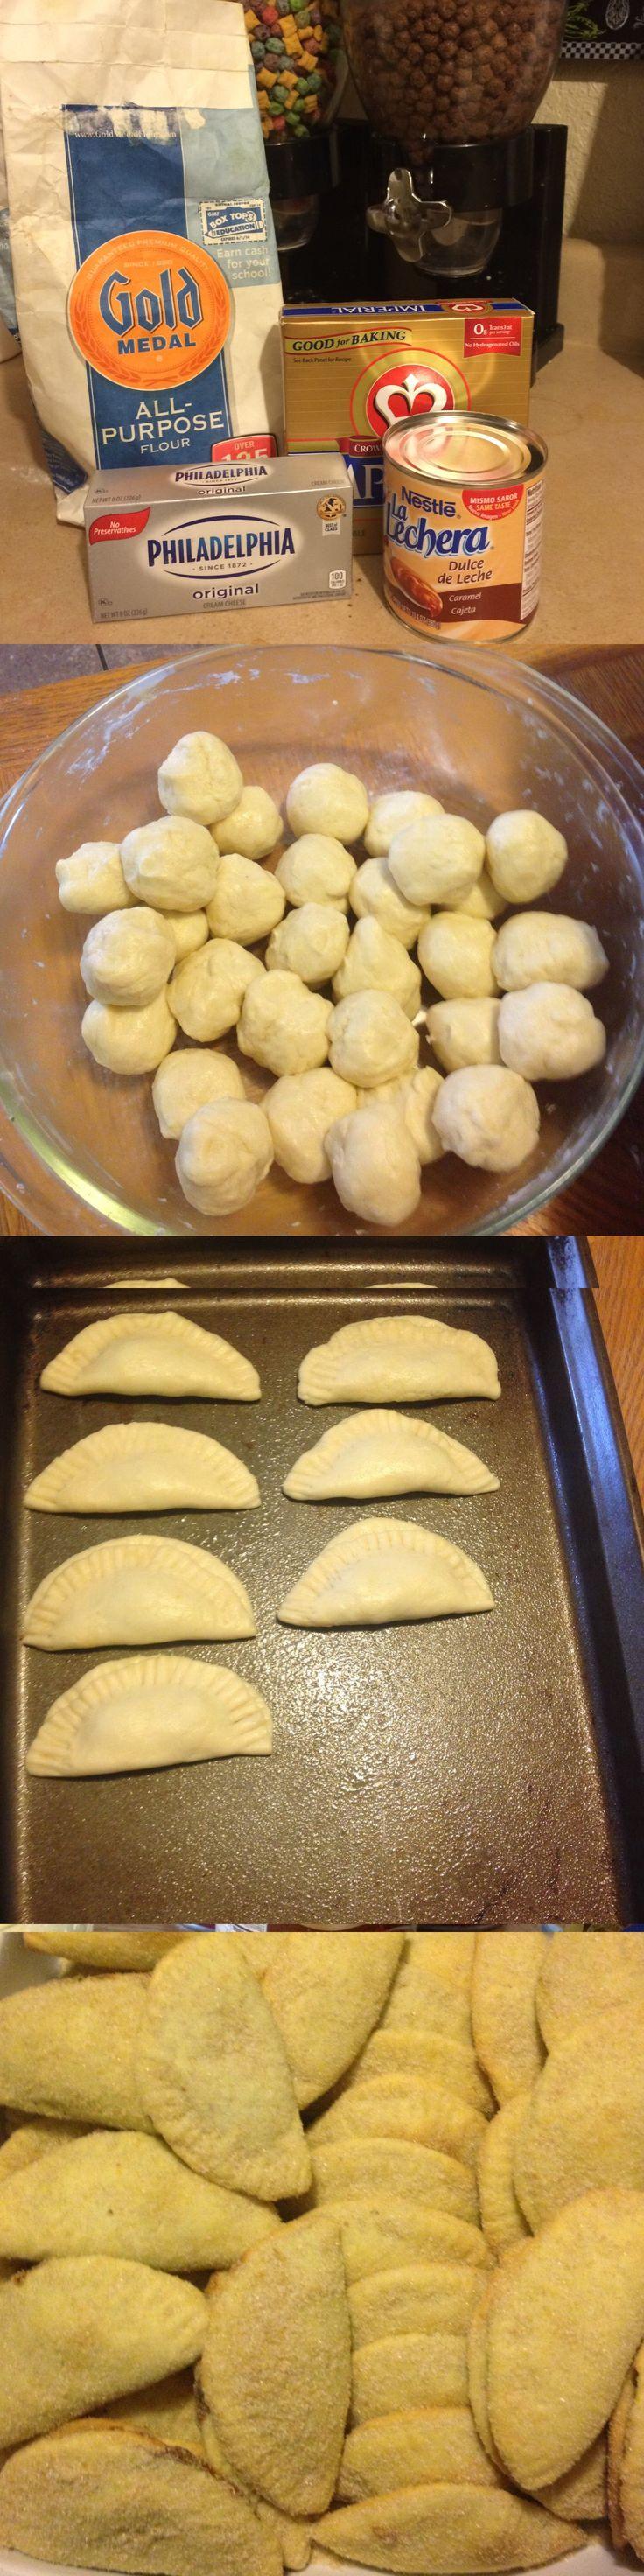 Empanadas con queso philadelphia rellenas de cajeta 4-barras de mantequilla imperial, 1-queso philadelphia 4-tazas de harina blanca 1-lata de la lechera o cajeta o relleno de piña o pumpkin o de lo que mas les guste Azúcar con canela en polvo o brown sugar... Mezclas las barras de mantequilla con el queso, muy bien hasta que se unan completamente, agregas poco a poco las 4 tazas de harina hasta formar una masa,haces bolitas chiquitas, vas haciendo de 1x1 y rellenándolas con la cajeta o dulce…